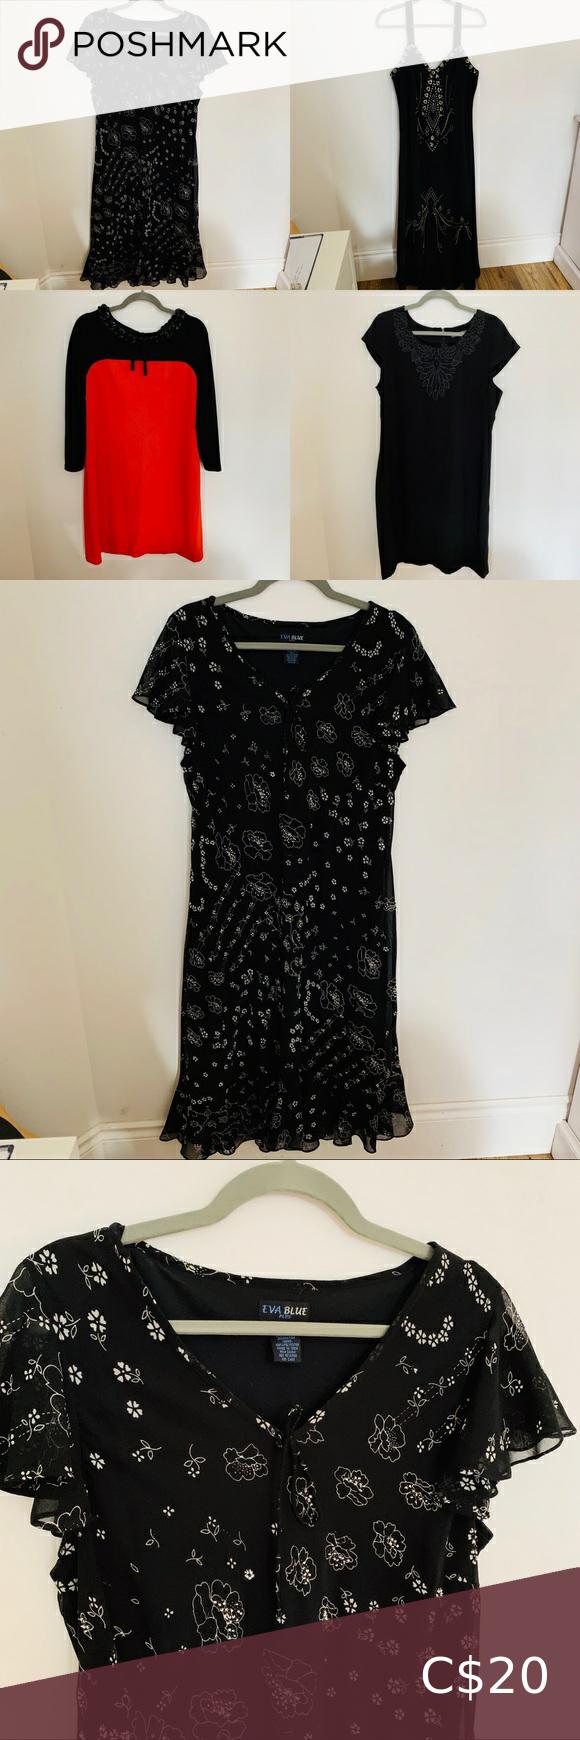 Bundle 4 Women S Size 14 16 Dresses Black Sequin Mini Dress Black Dress With Sleeves Long Sleeve Dress [ 1740 x 580 Pixel ]